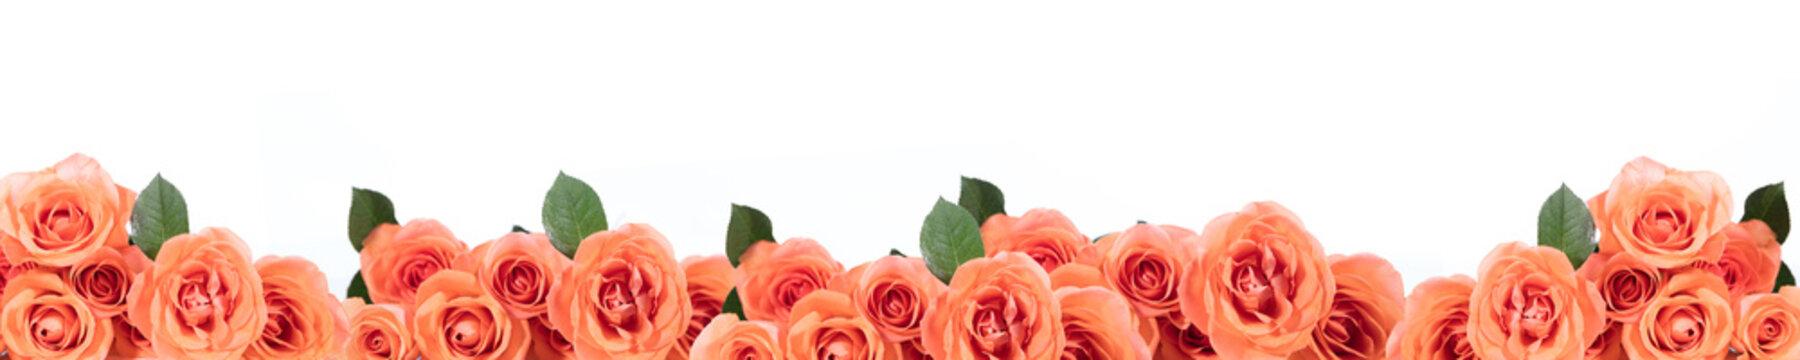 panorama mit rosen